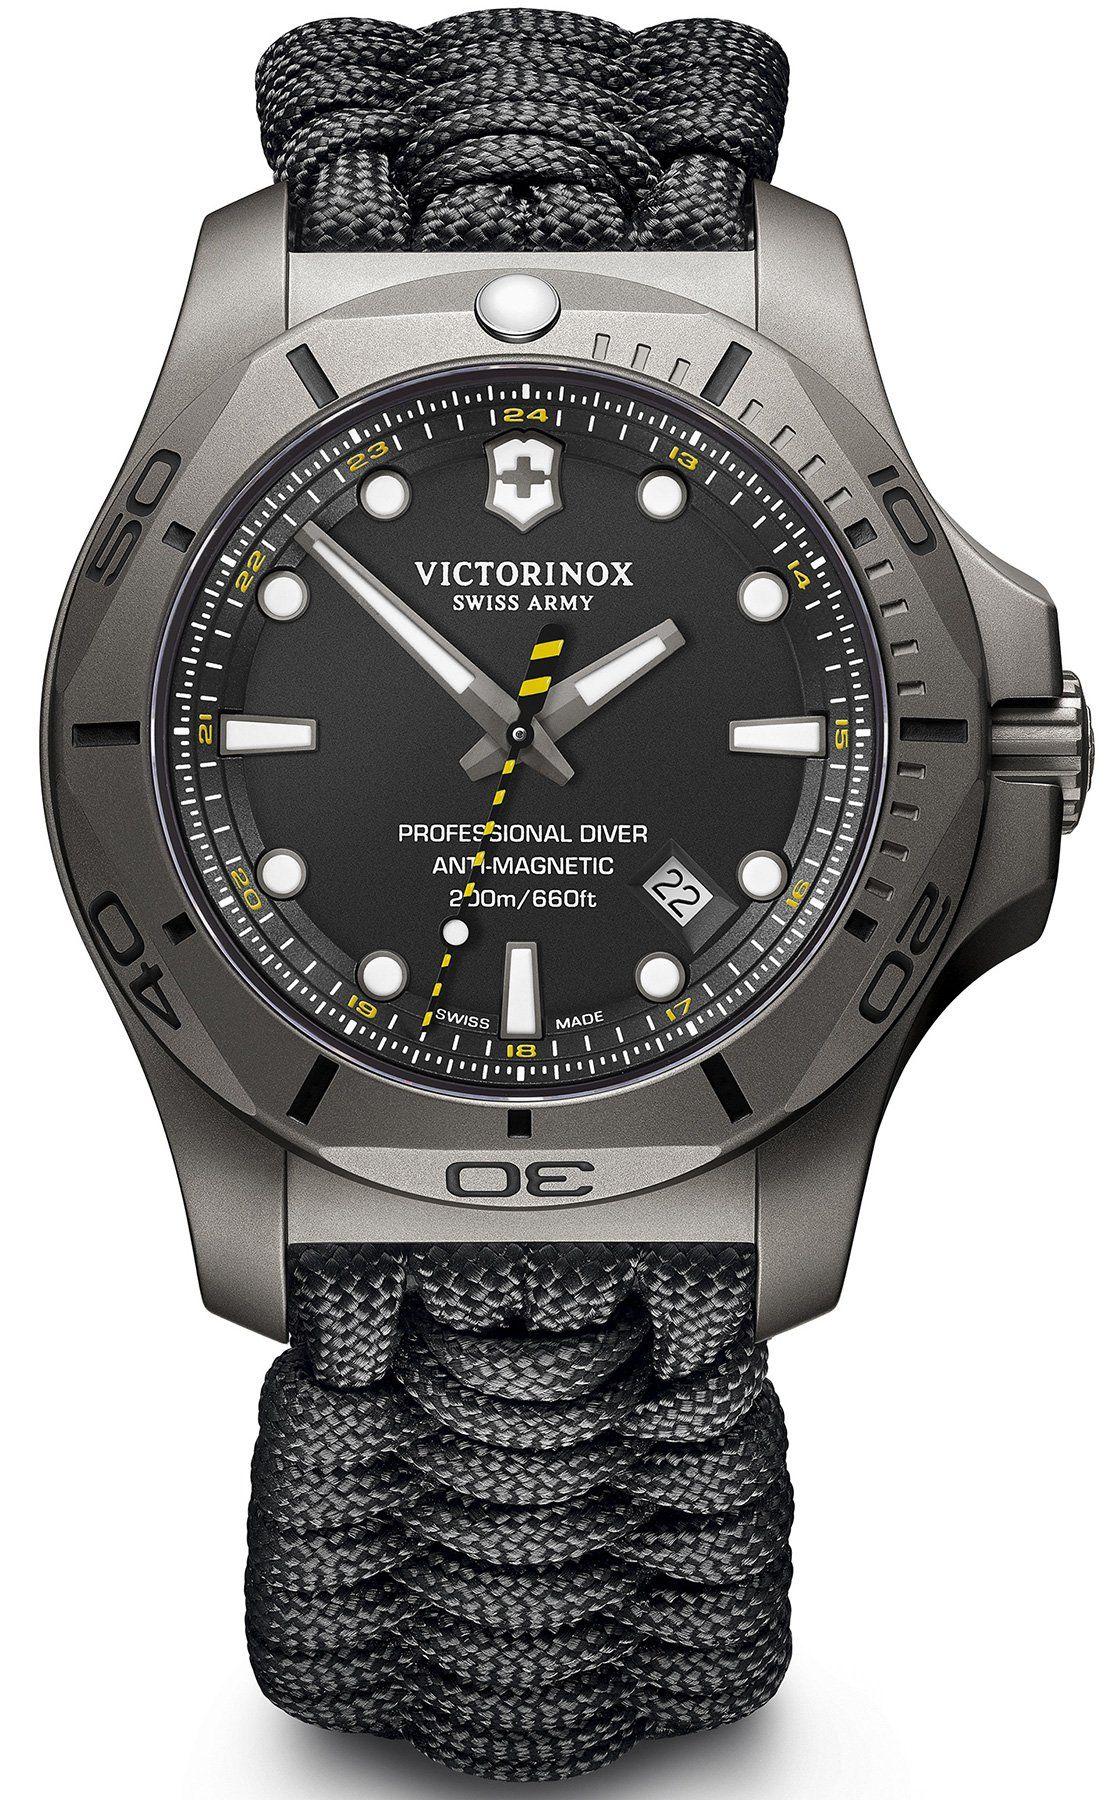 Victorinox Swiss Army INOX Professional Diver Titanium  b0064b2bac